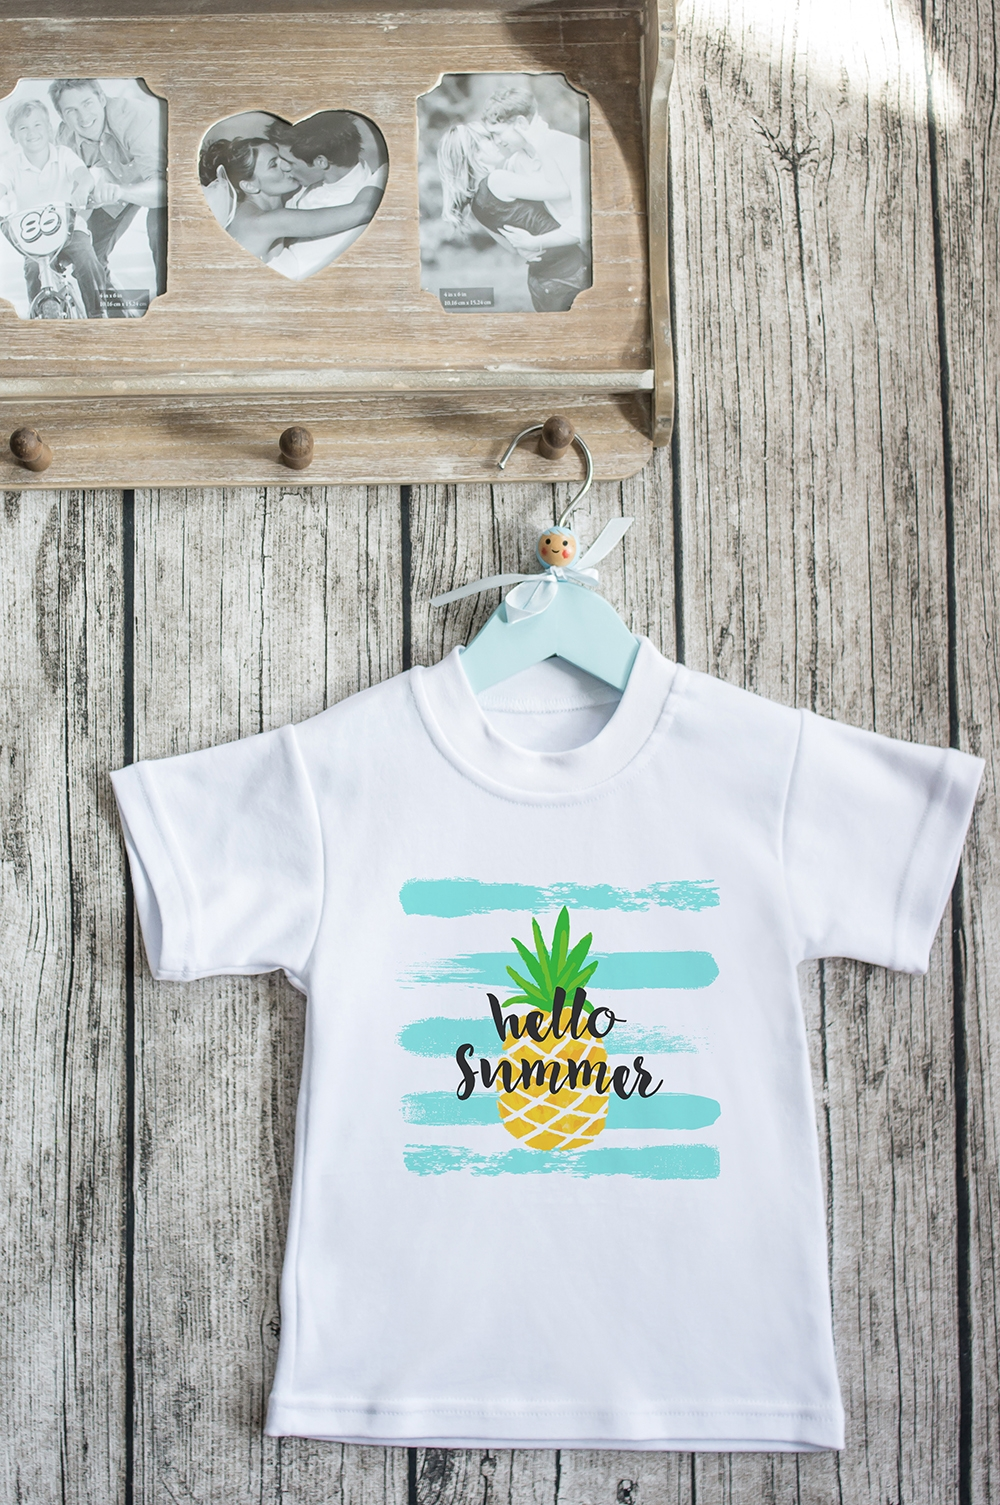 Футболка детская С надписью Hello SummerПерсональные подарки с Вашим именем<br>100% хлопок, белая. Товар является маломерным<br>